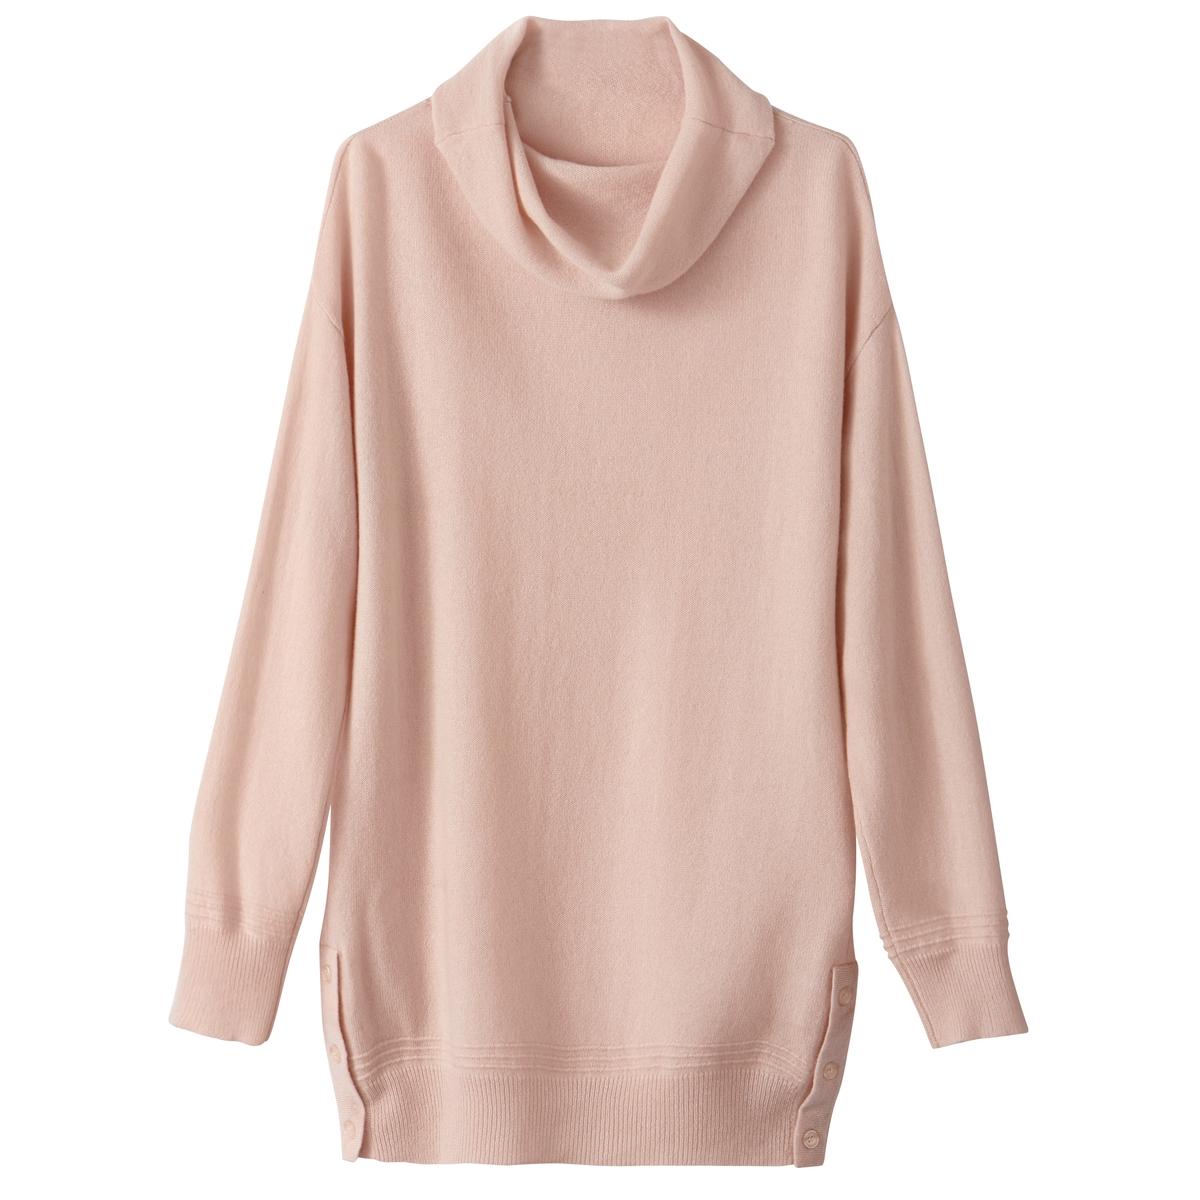 Пуловер с воротником-хомутом из кашемира пуловер свободный с воротником с отворотом plunkett